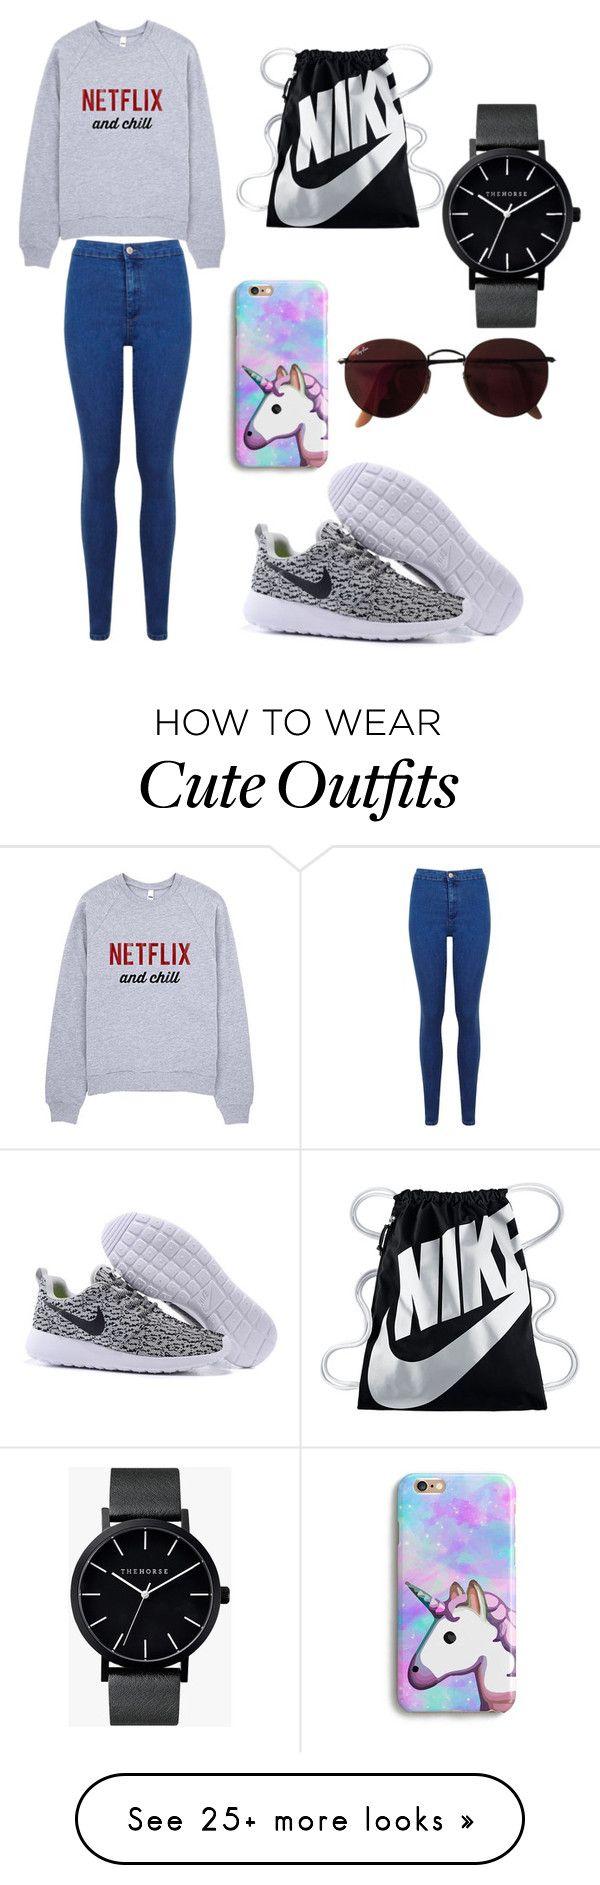 trui+ jeansbroek+ Nike schoenen+ gsm+ zonnebril+ horloge+ zak